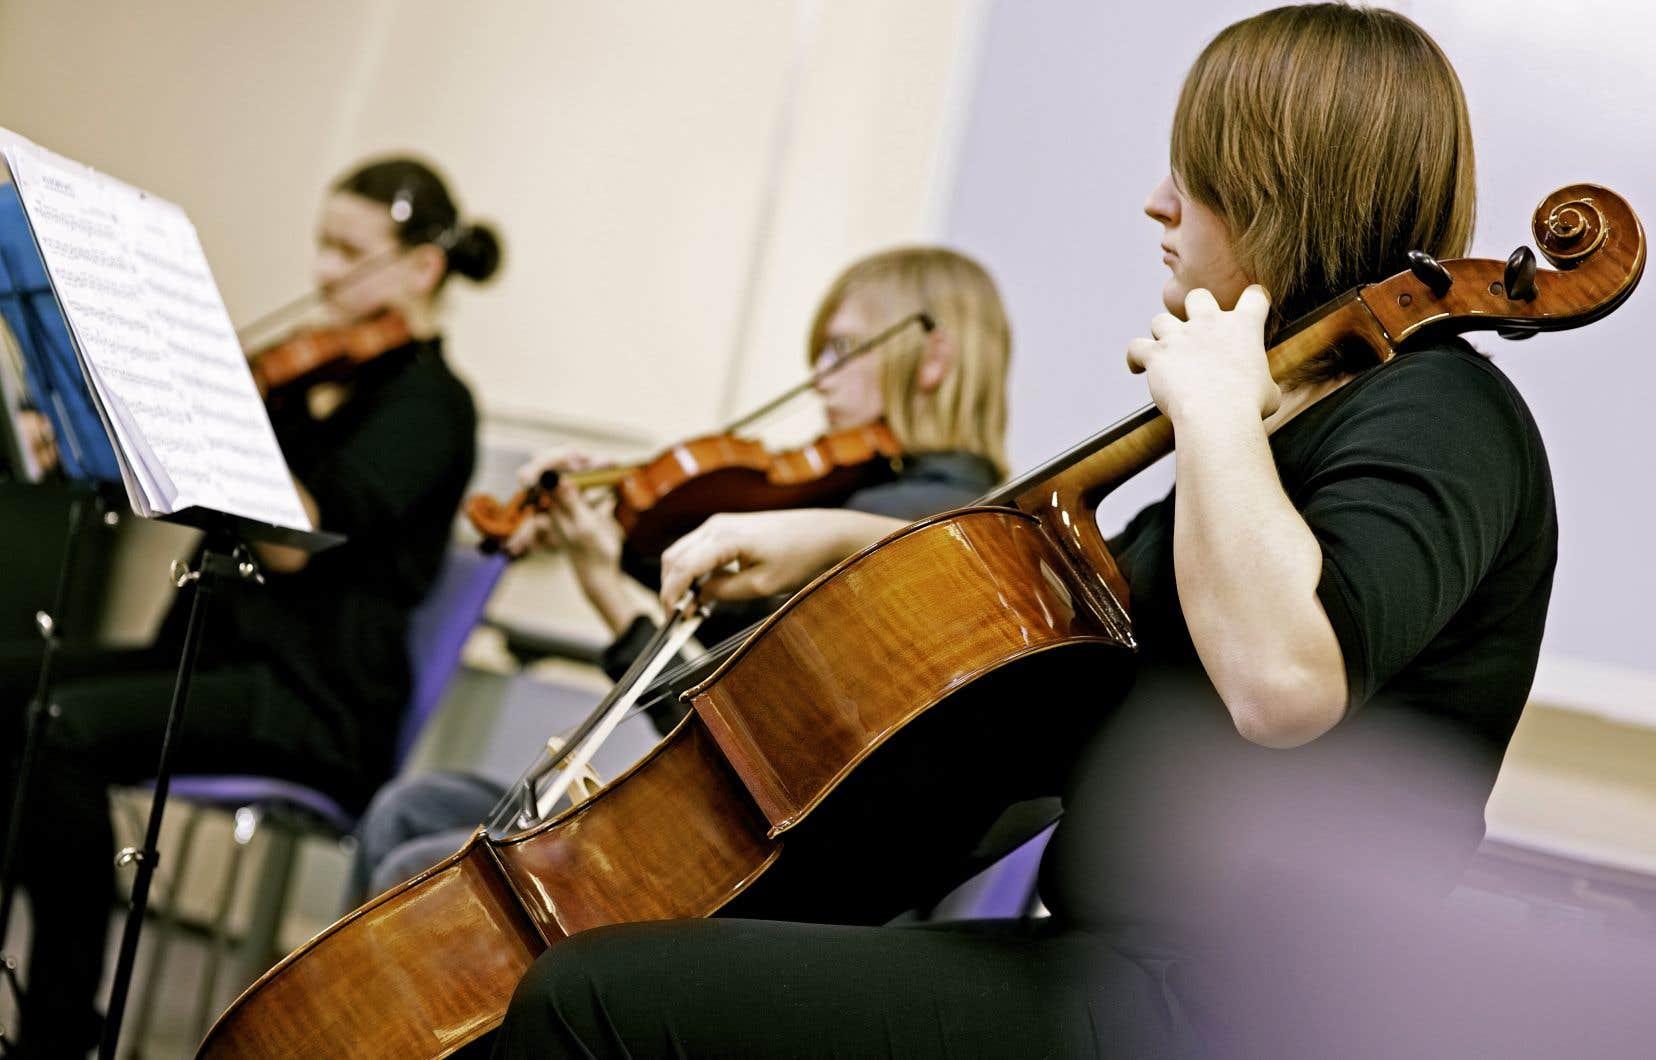 À l'heure où l'on redécouvre les vertus pédagogiques de la musique, fermer nos programmes et nos écoles est un geste qui nous appauvrit comme collectivité, soulignent les auteurs.